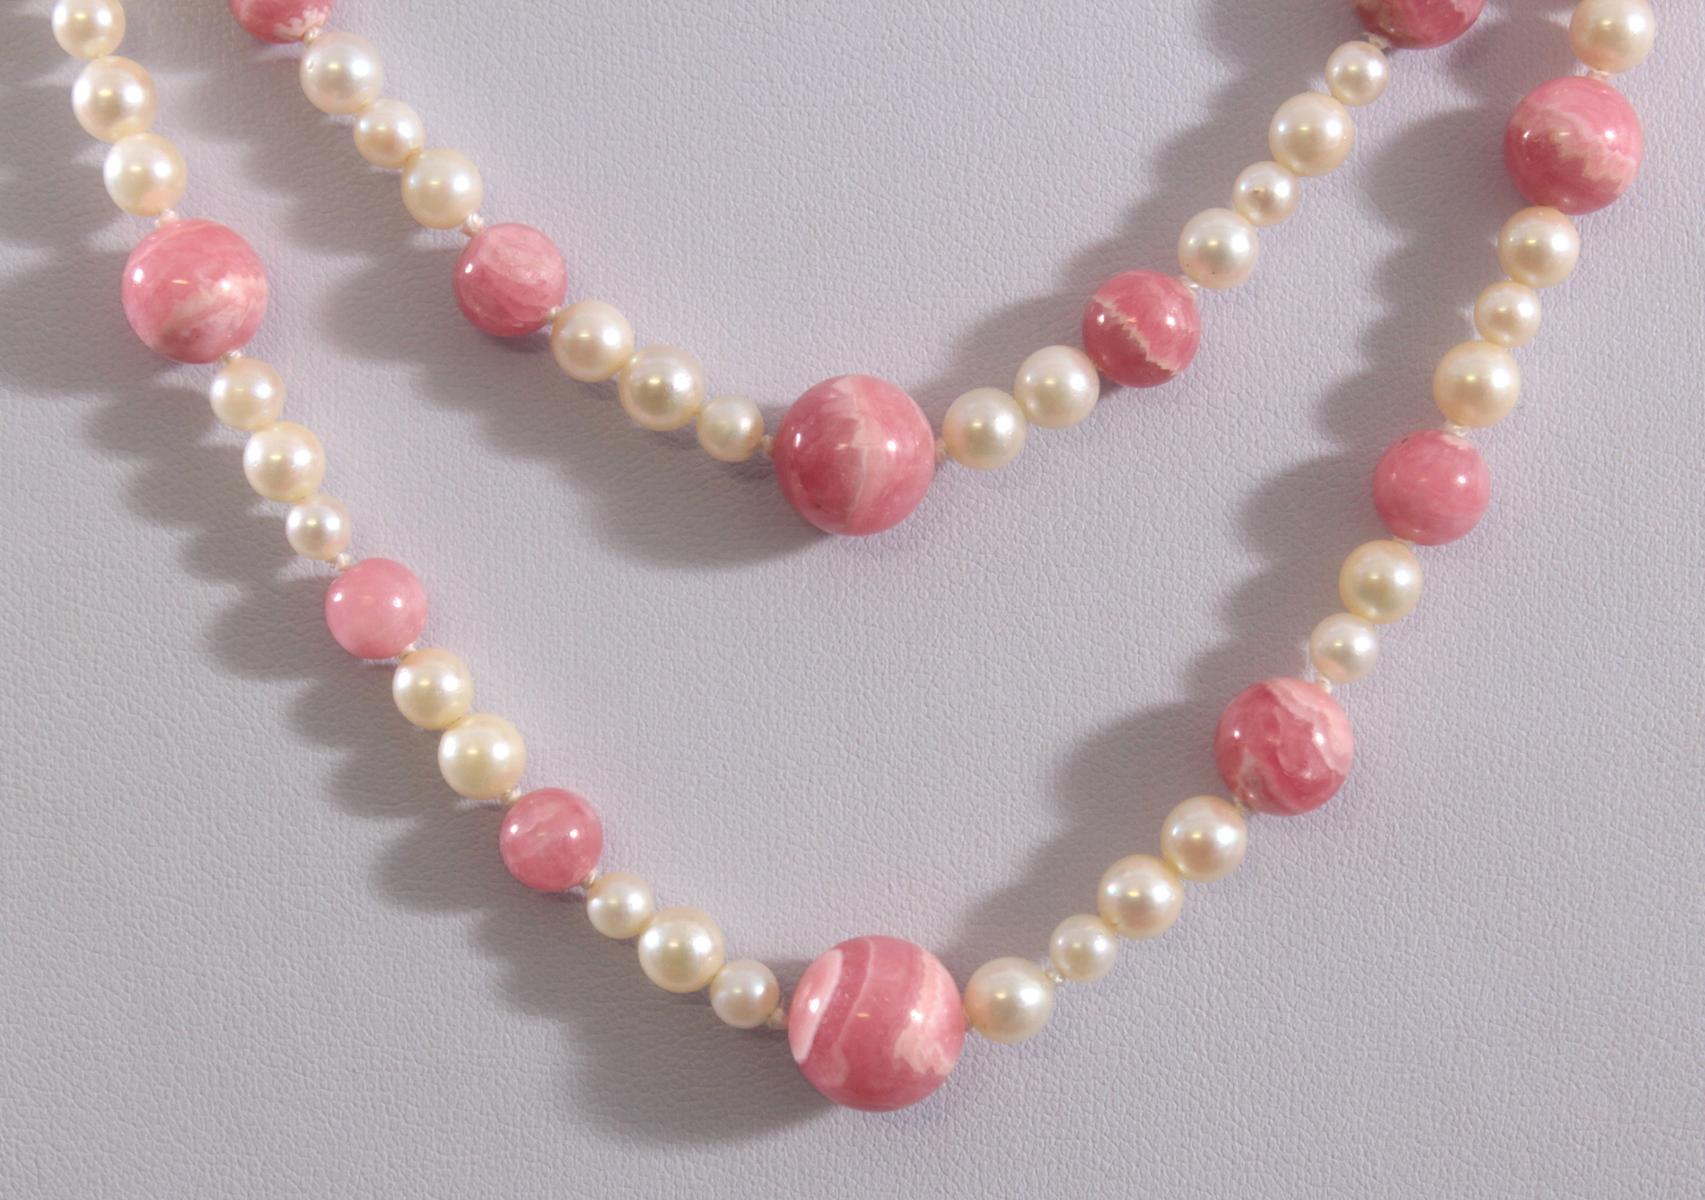 Halskette aus Perlen- und Rosenquarzkugeln mit Weißgoldschließe-2